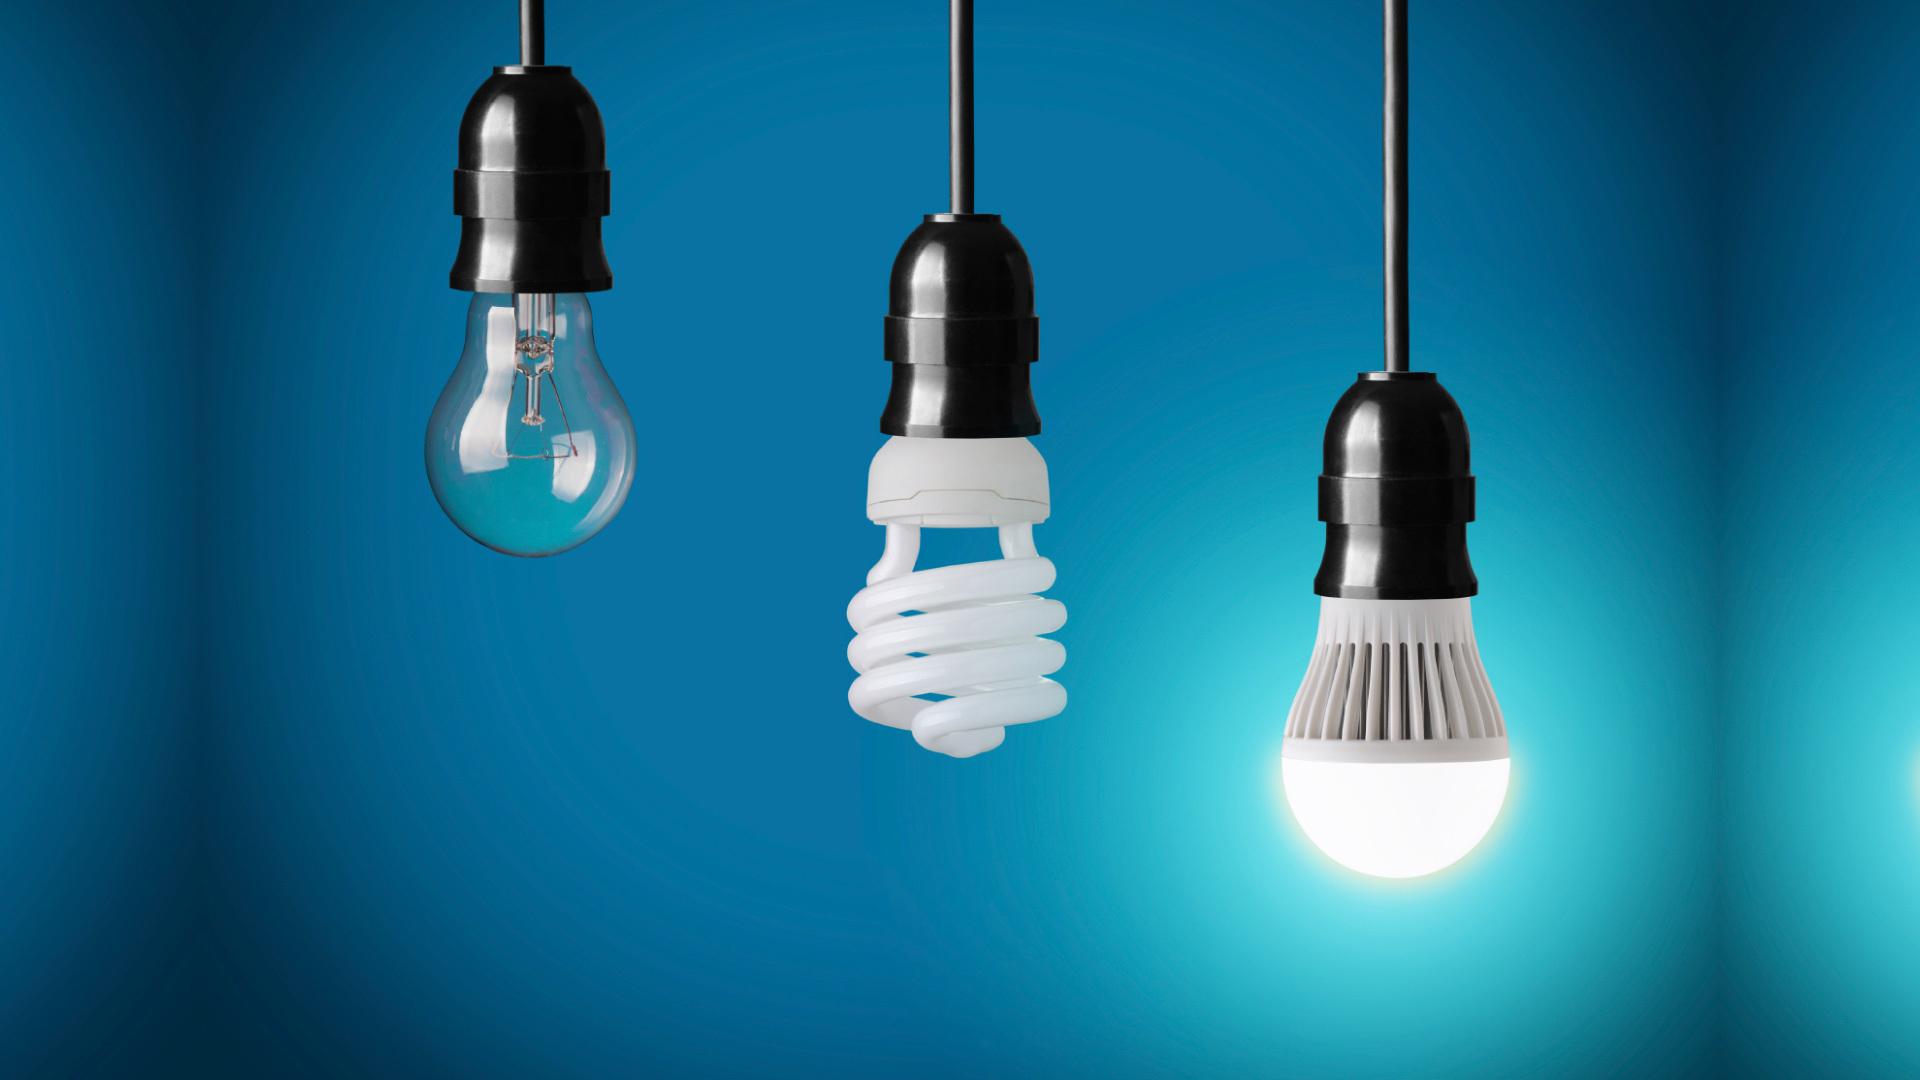 Vendita lampade led milano illuminazione vendita led lampadine